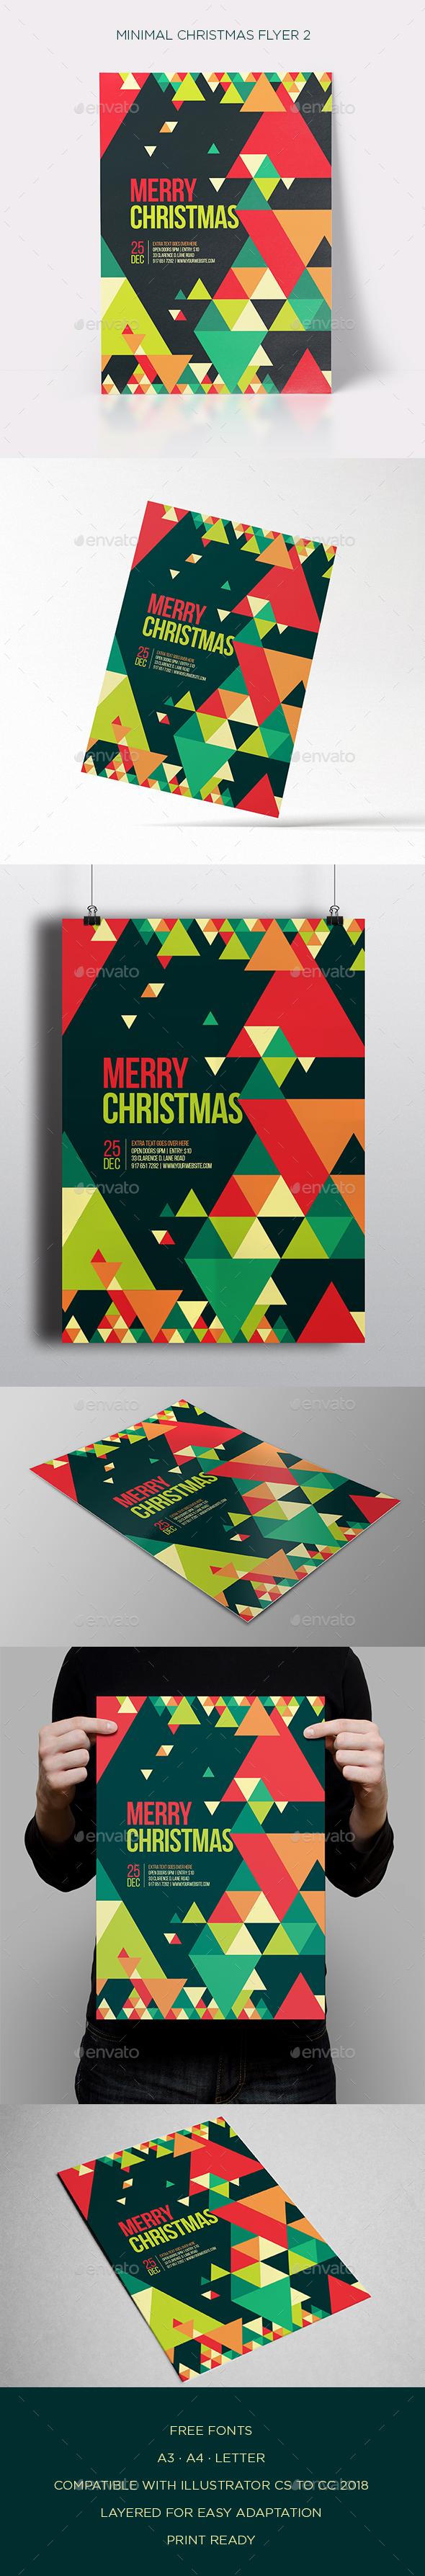 GraphicRiver Minimal Christmas Flyer 2 21055126